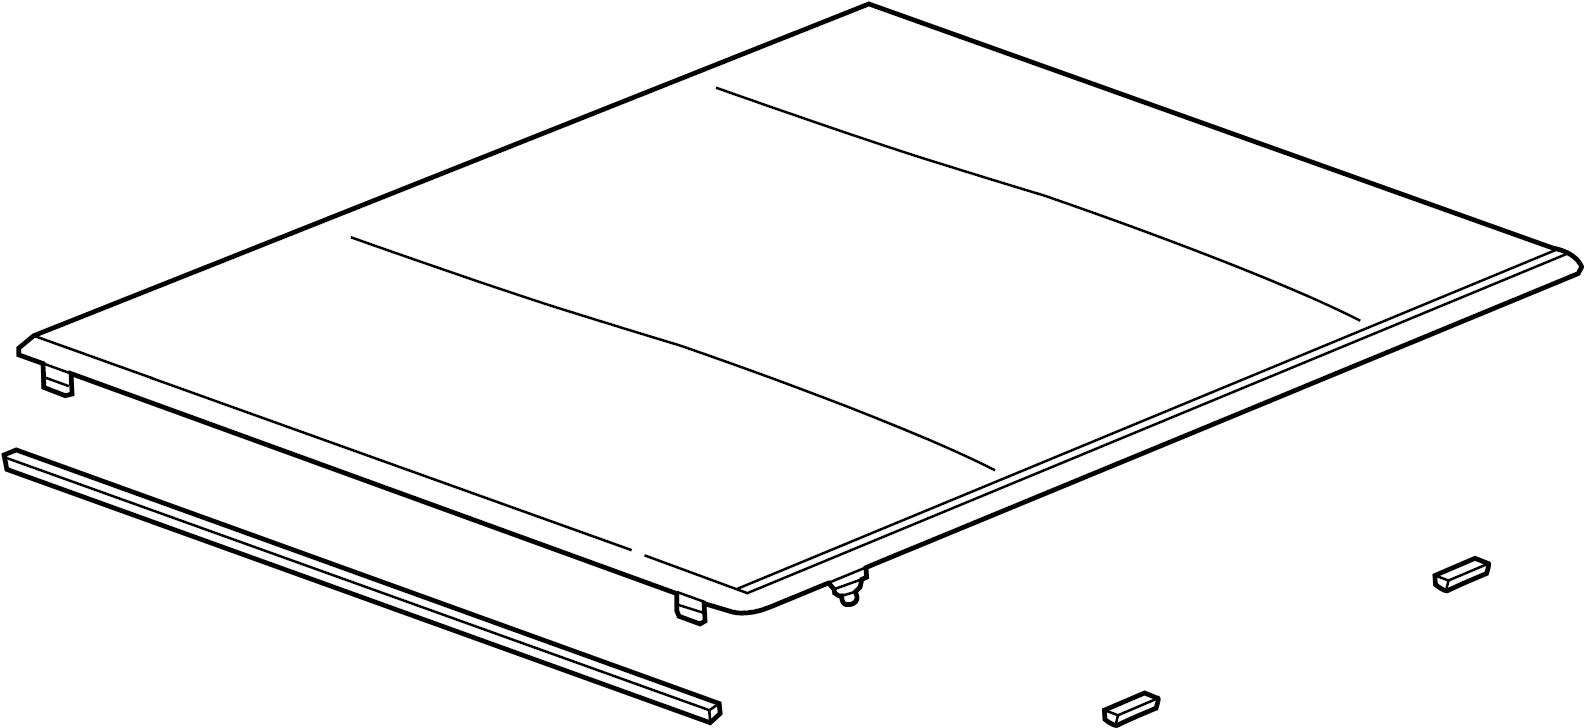 GMC Sierra 1500 Cover package. Tonneau cover. 6.6 ft box